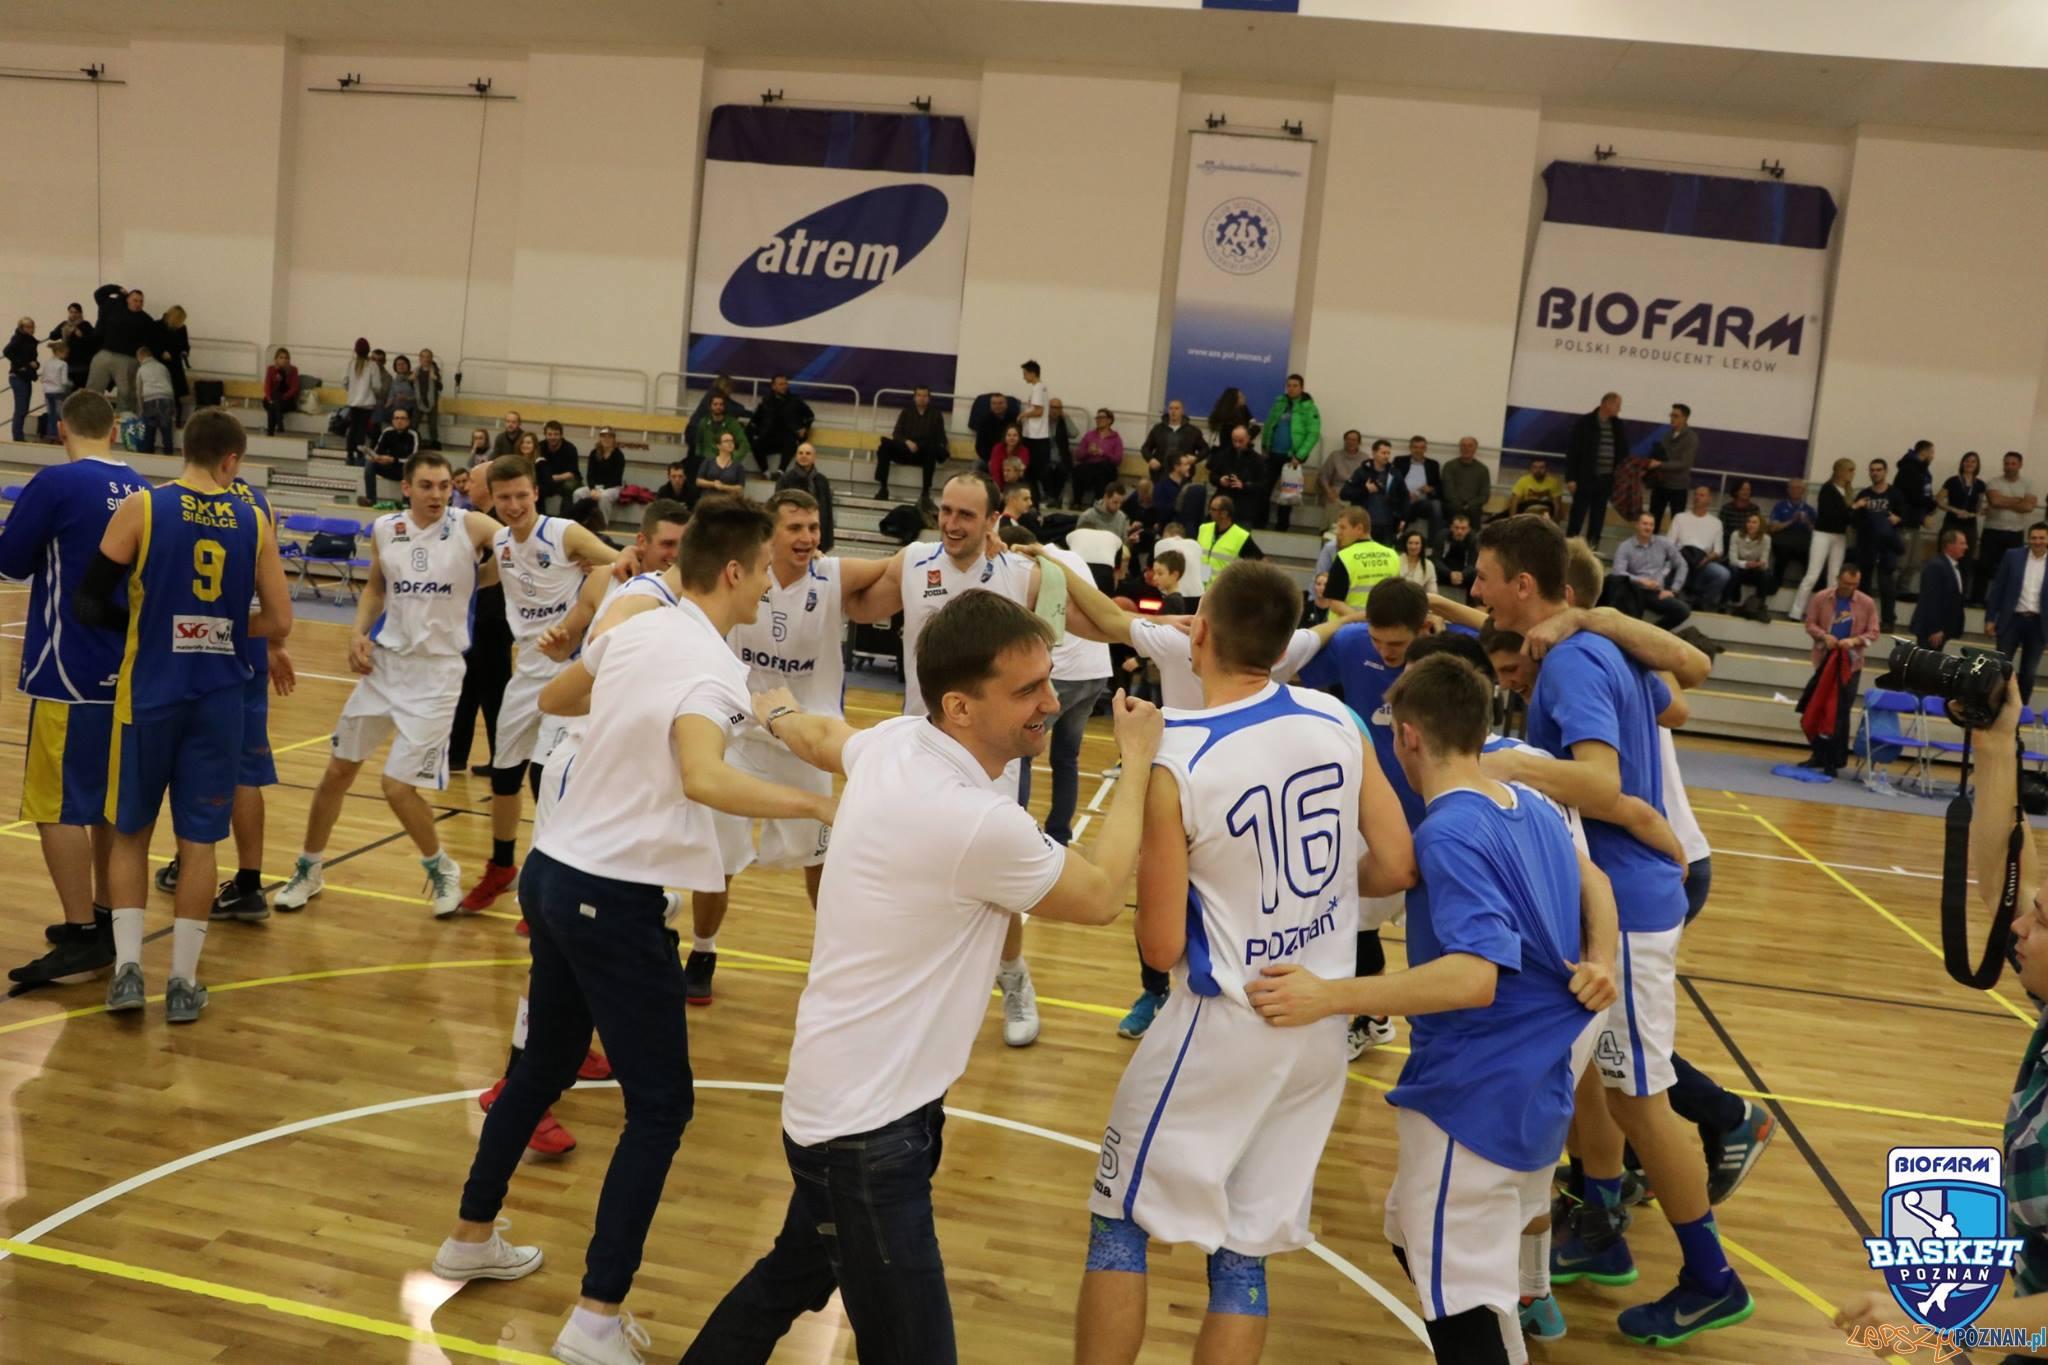 Biofarm Basket - drżyna przełamała serię porażek  Foto: materiały prasowe